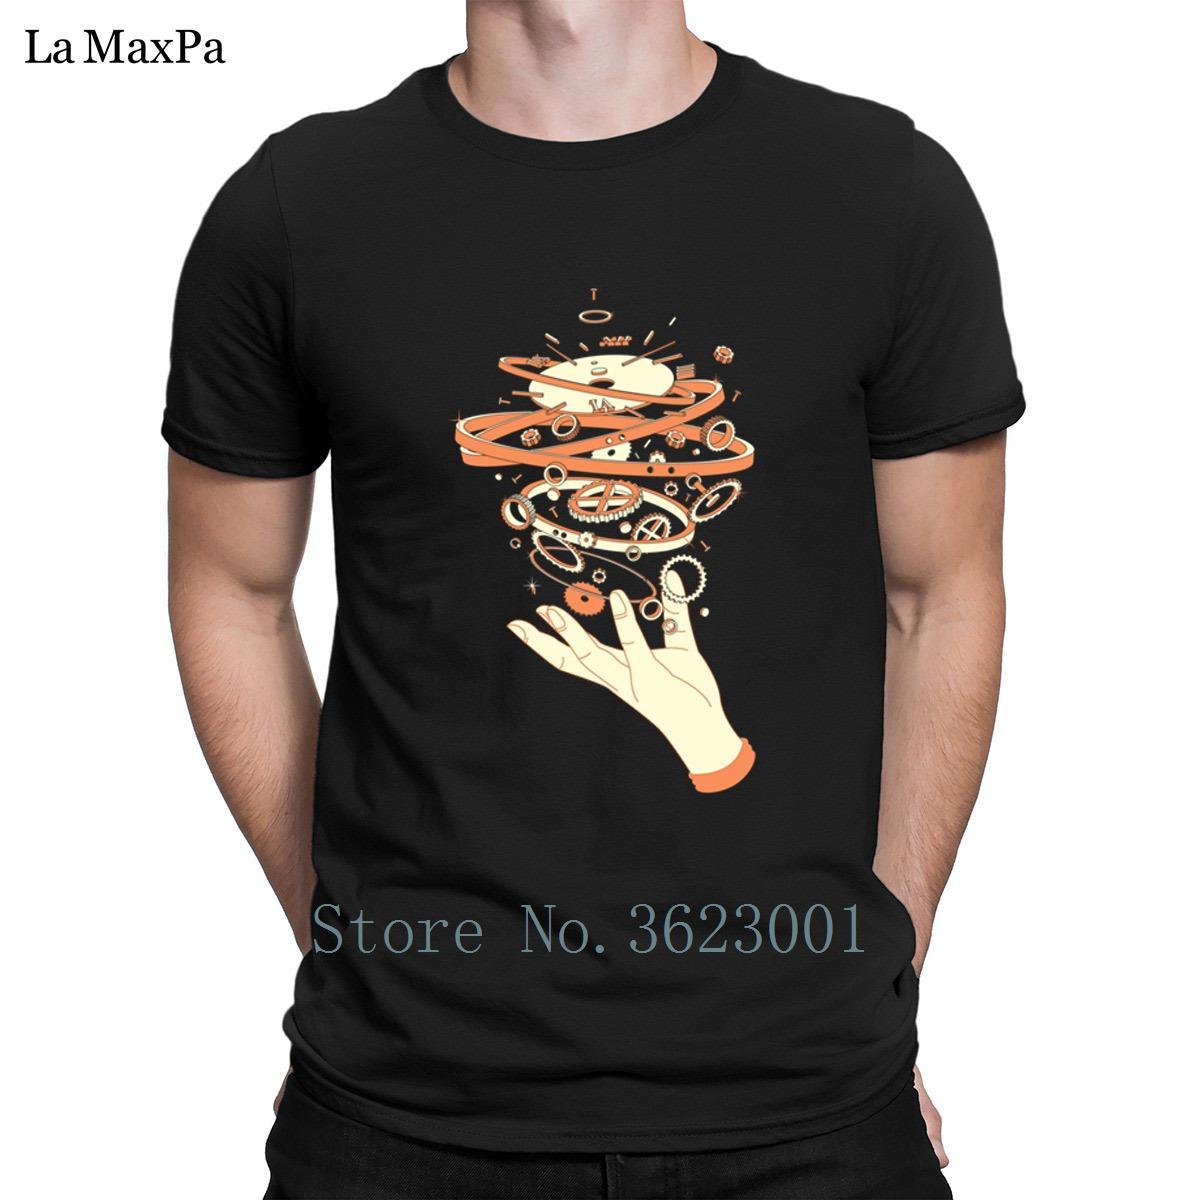 Erstellen Sie angepasstes T-Shirt für Männer Zeit-Controller-T-Shirt Herrenkleidung T-Shirt Slogan T-Shirt O Ansatz HipHop Tops